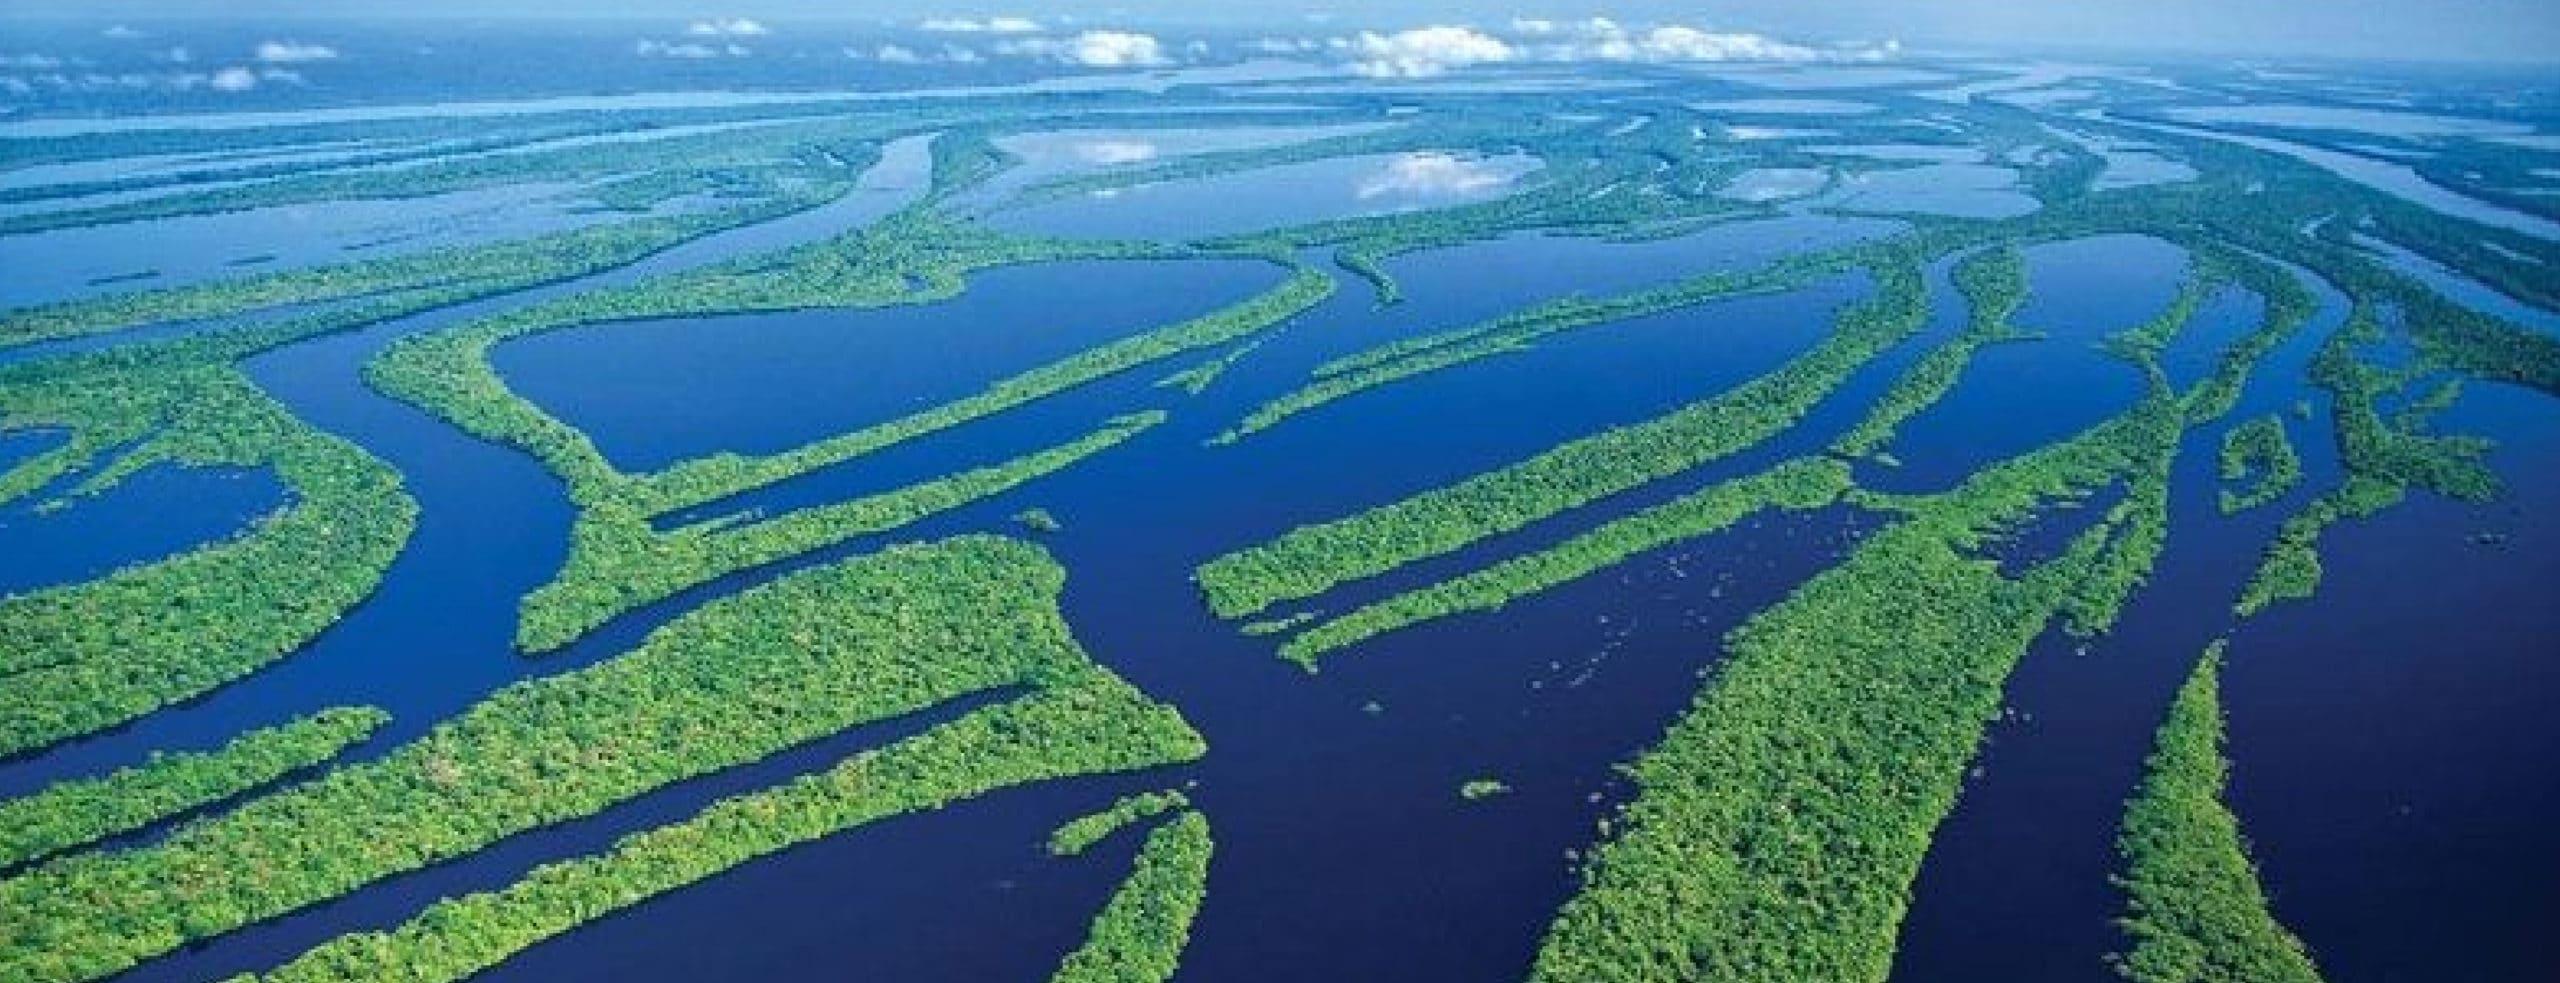 Amazonas - RipioTurismo